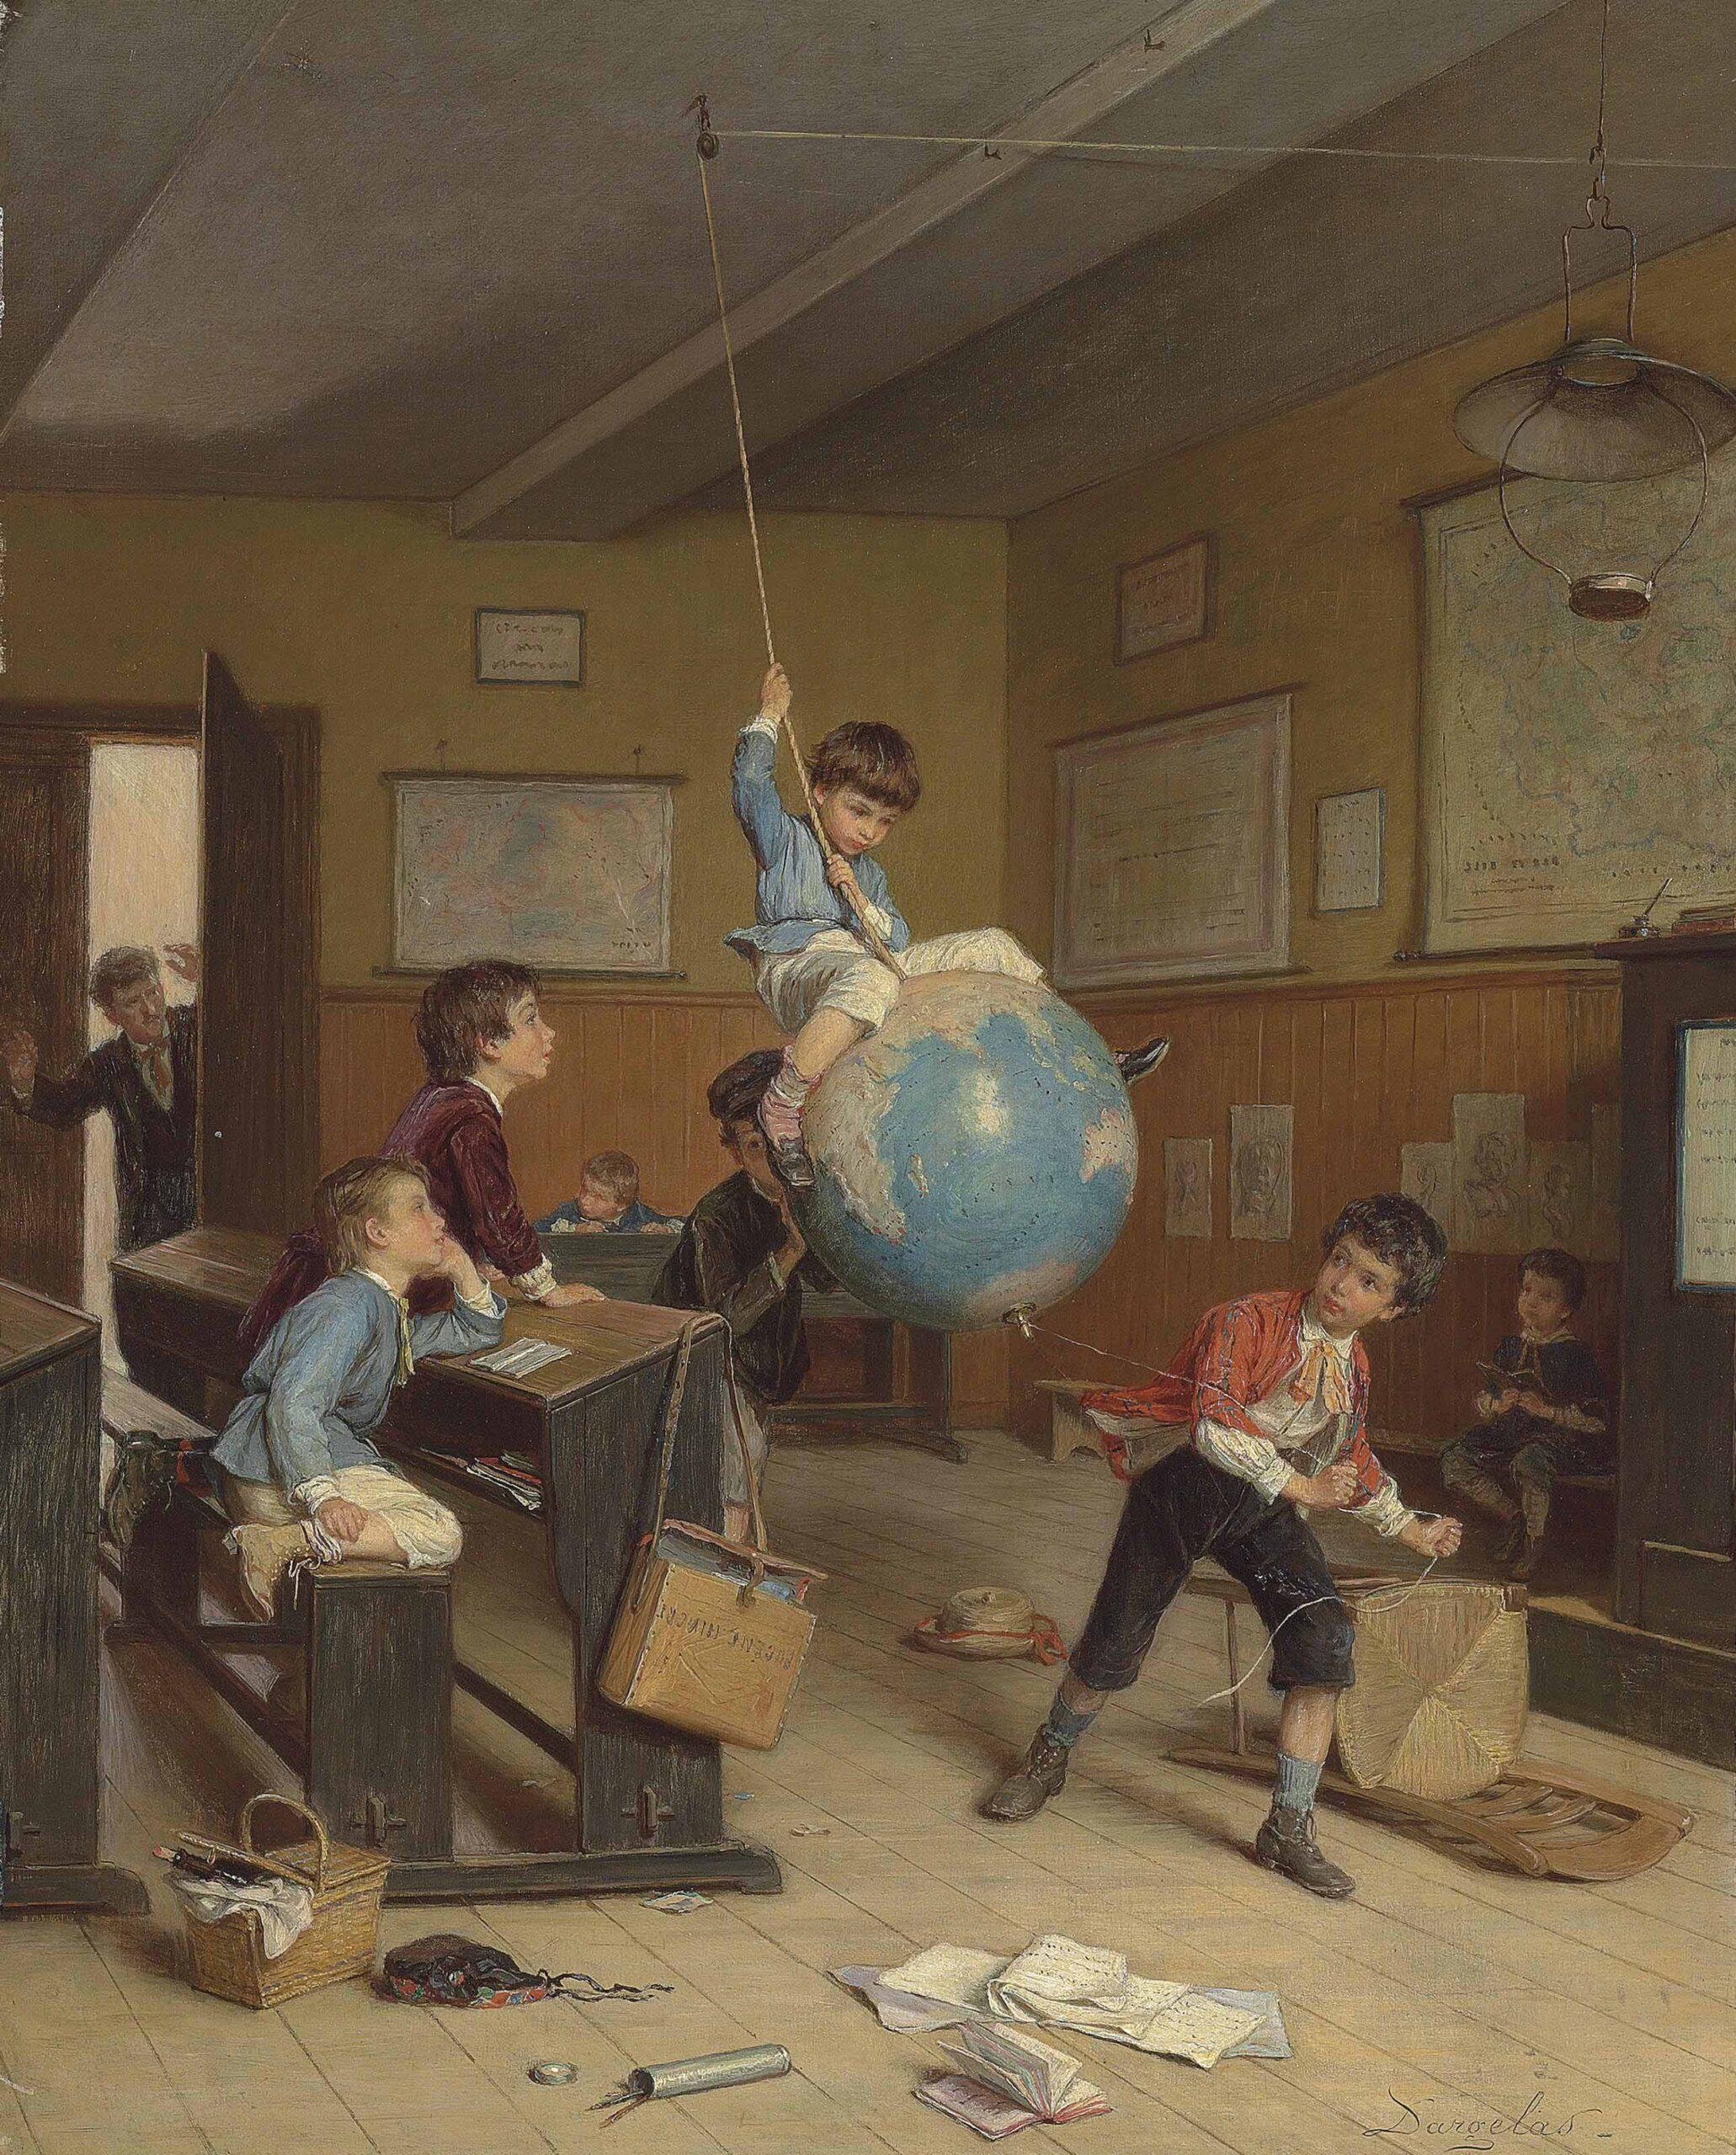 """Pictura """"în jurul lumii"""" a pictorului francez din secolul nouăsprezece, Dargelas. O sală de clasă, o școală de băieți. Copiii sunt singuri, în centrul imaginii trei copii se joacă cu globul pământesc atârnat din tavan. Unul este așezat pe el, se leagănă ca într-un leagăn. Copiii din jur privesc. Pe jos sunt cărți, caiete, un scaun răsturnat. În plan îndepărtat, profesorul intră pe ușă, cu mâinile ridicate în semn de uimire."""